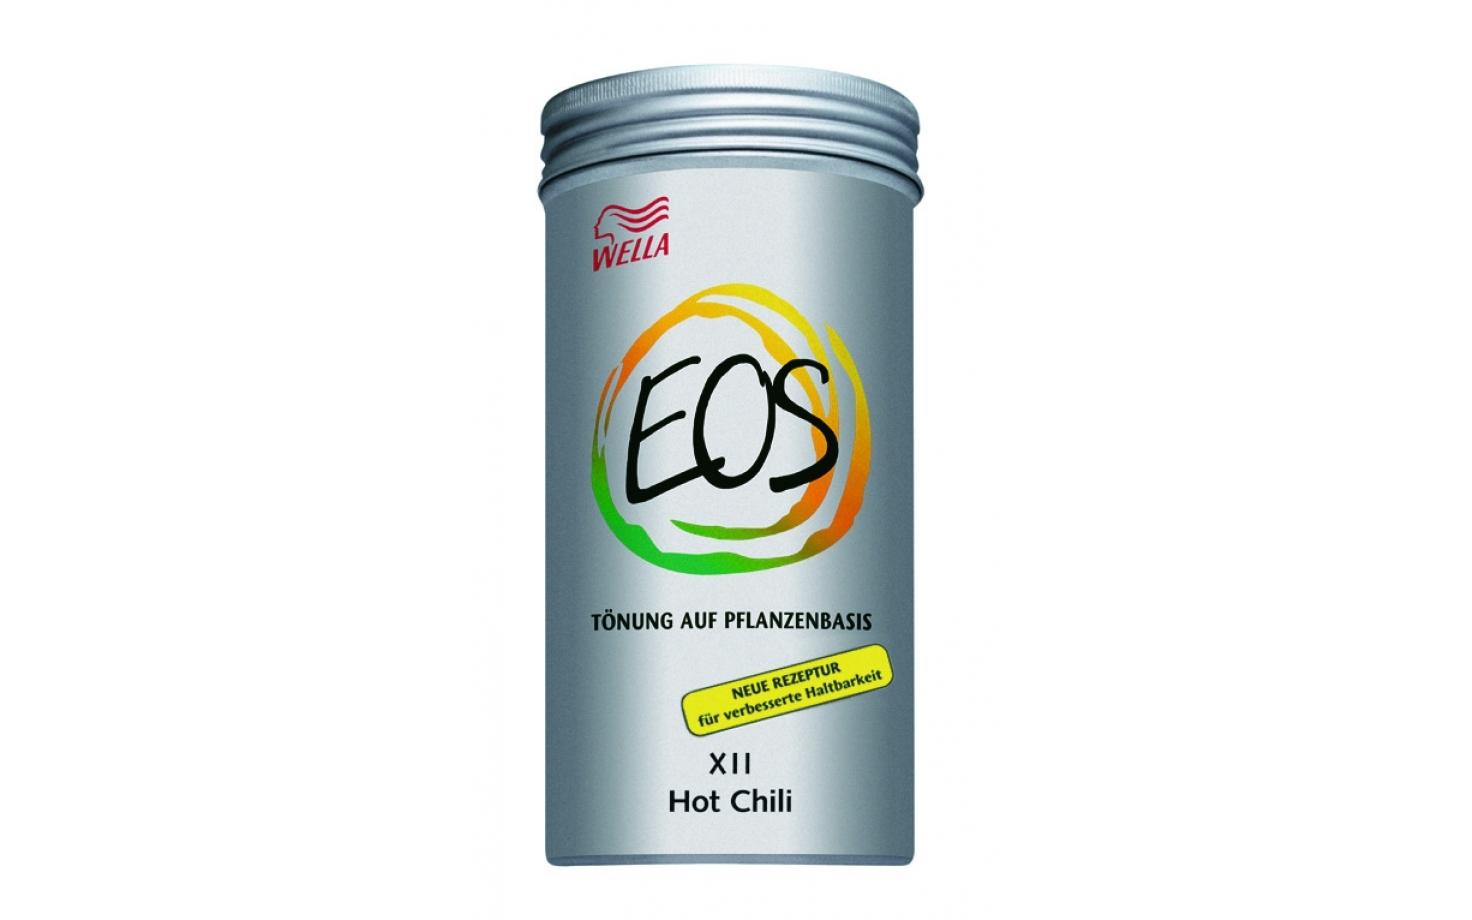 Wella EOS Pflanzentönung 120 g III Ingwer